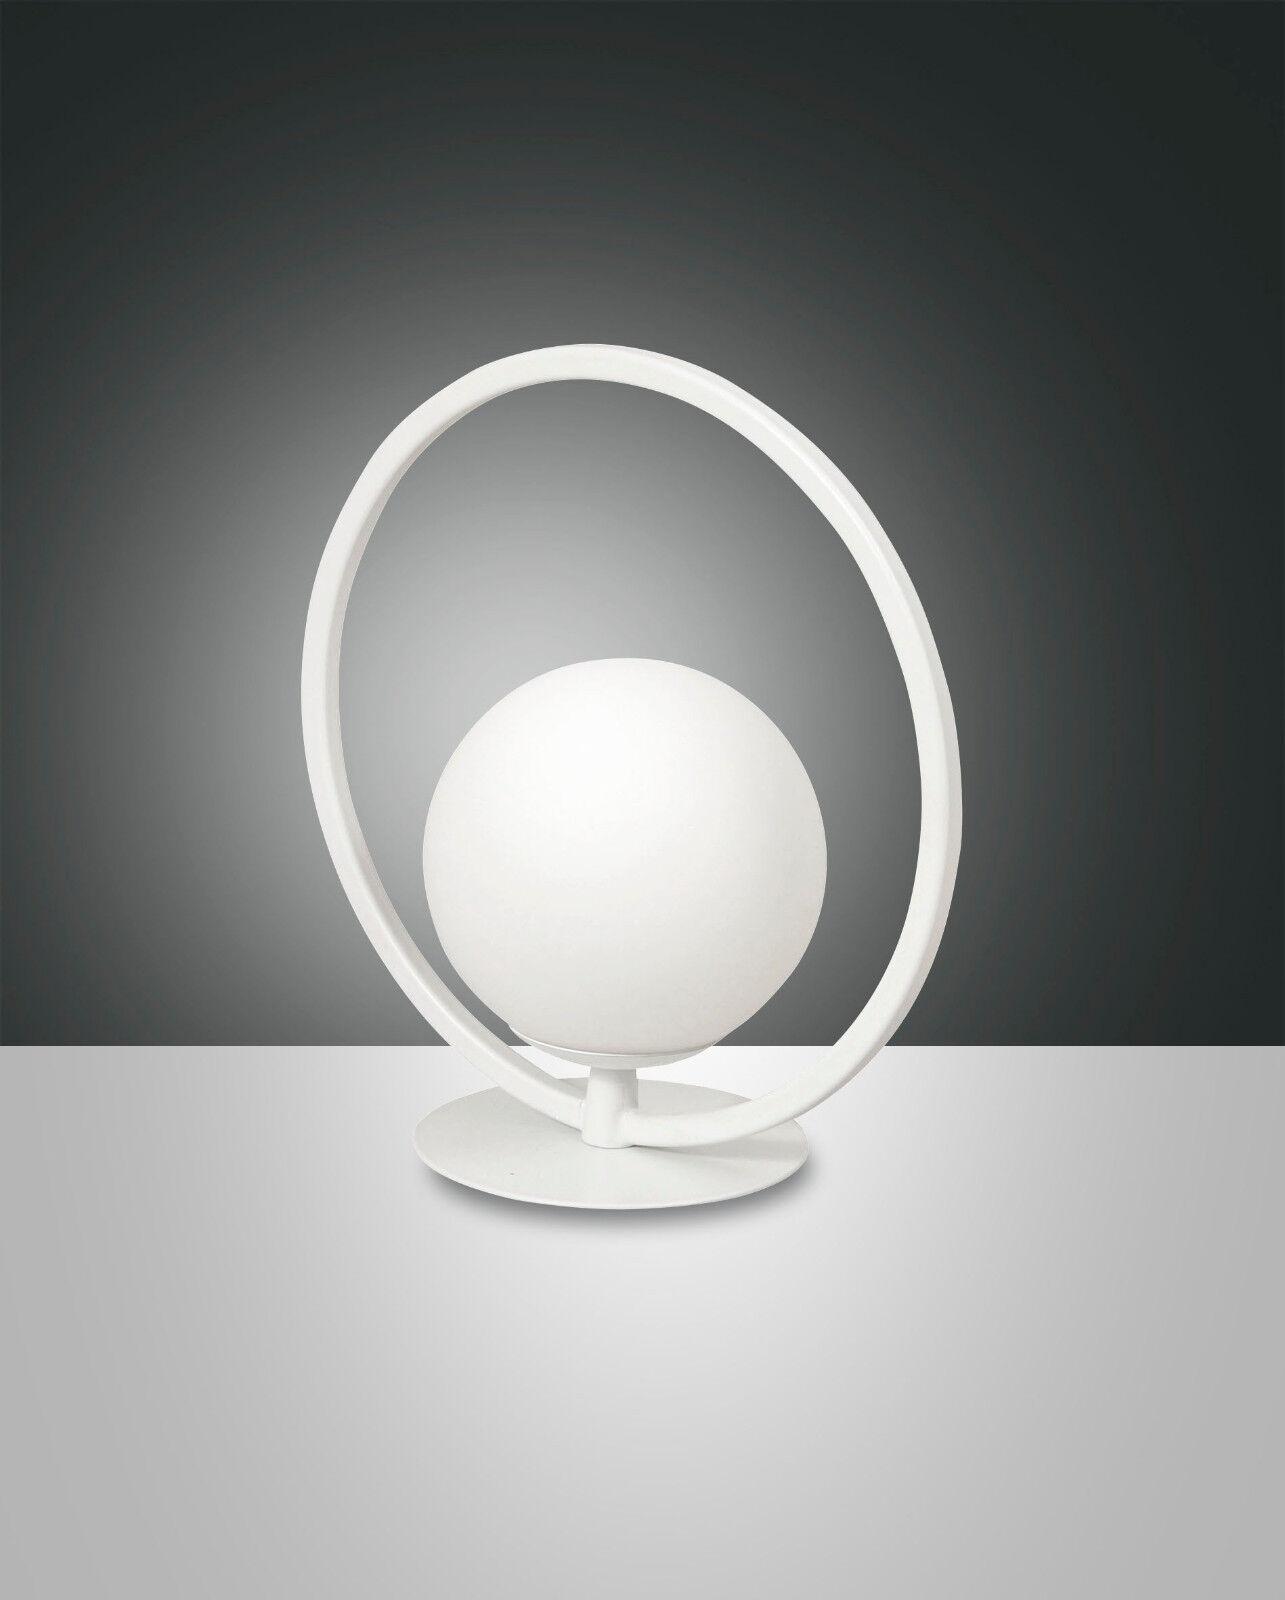 Design LED  Nacht Tisch Leuchte Lampe Sirio 1flg. Fabas Luce 3388-30-102 weiß